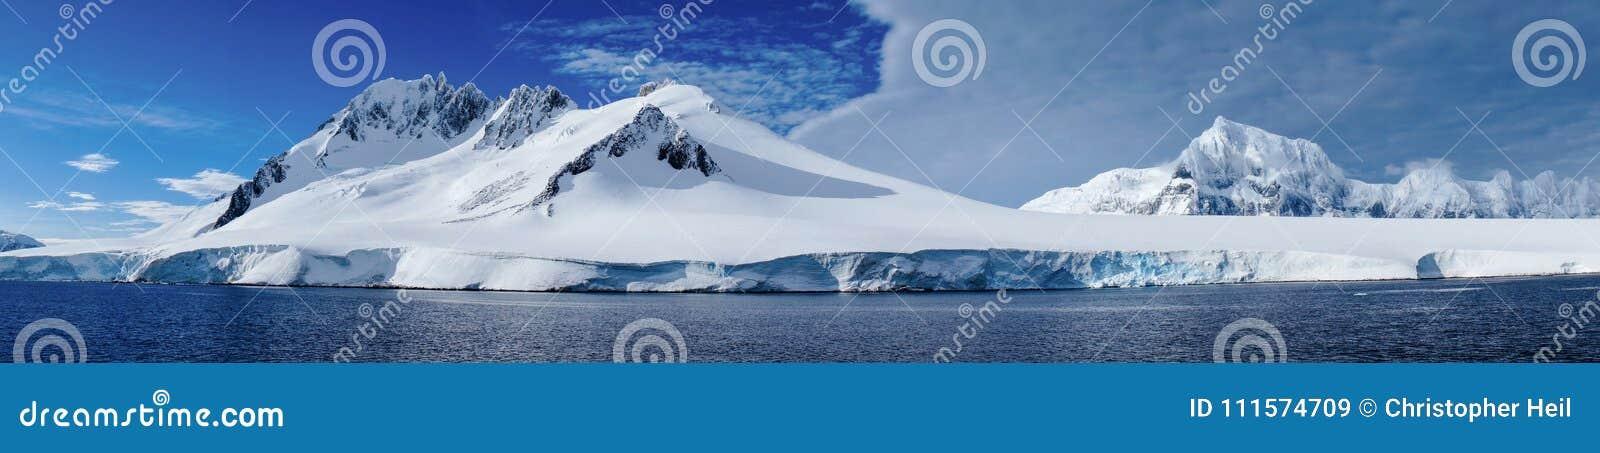 Girando attraverso il canale di Neumayer con le montagne innevate in Antartide